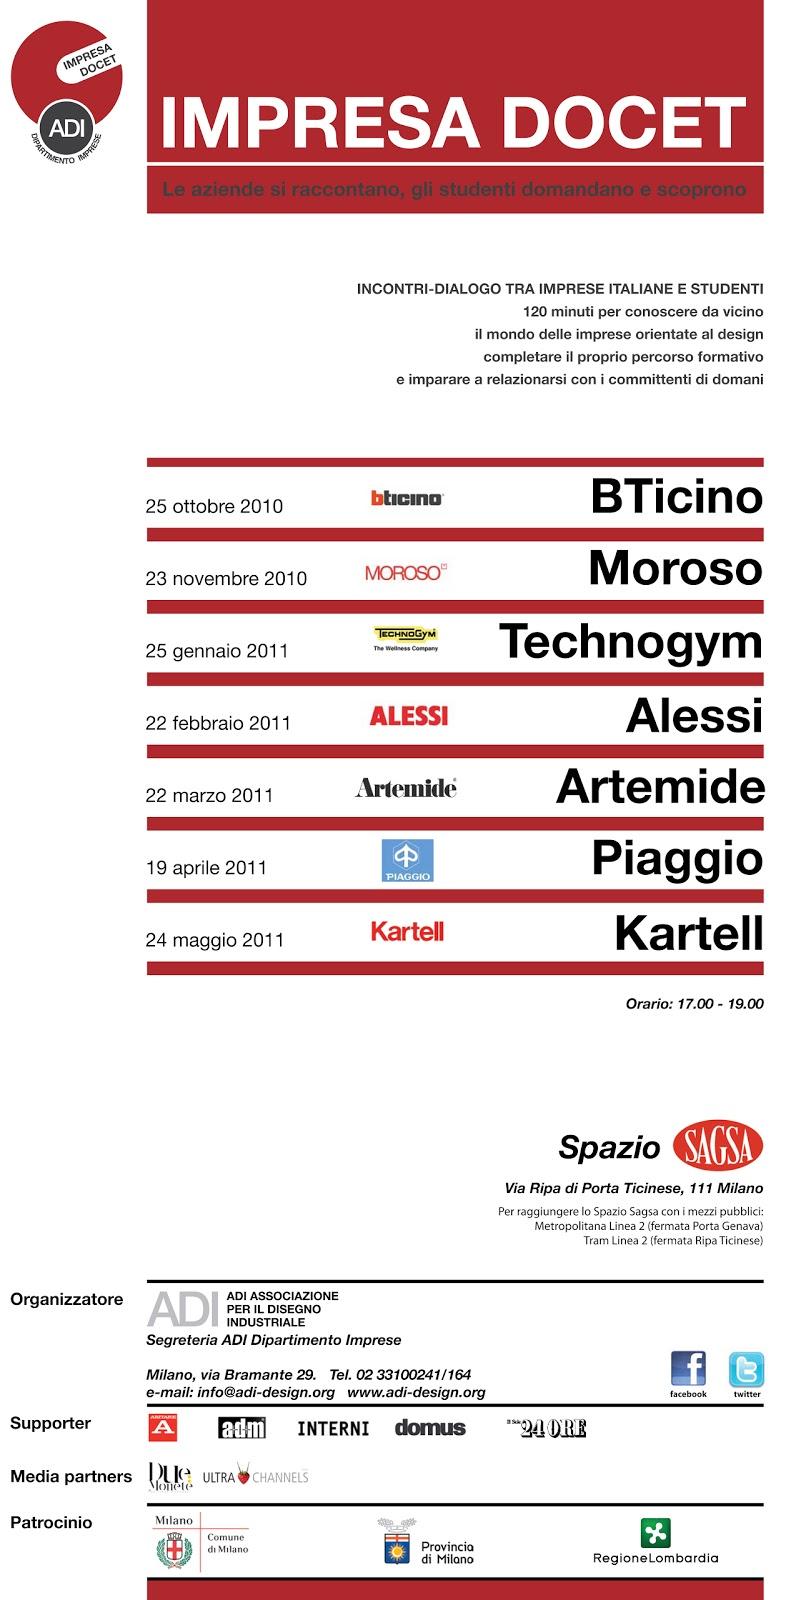 Incontri tra studenti e aziende italian design impresa docet for Aziende design milano